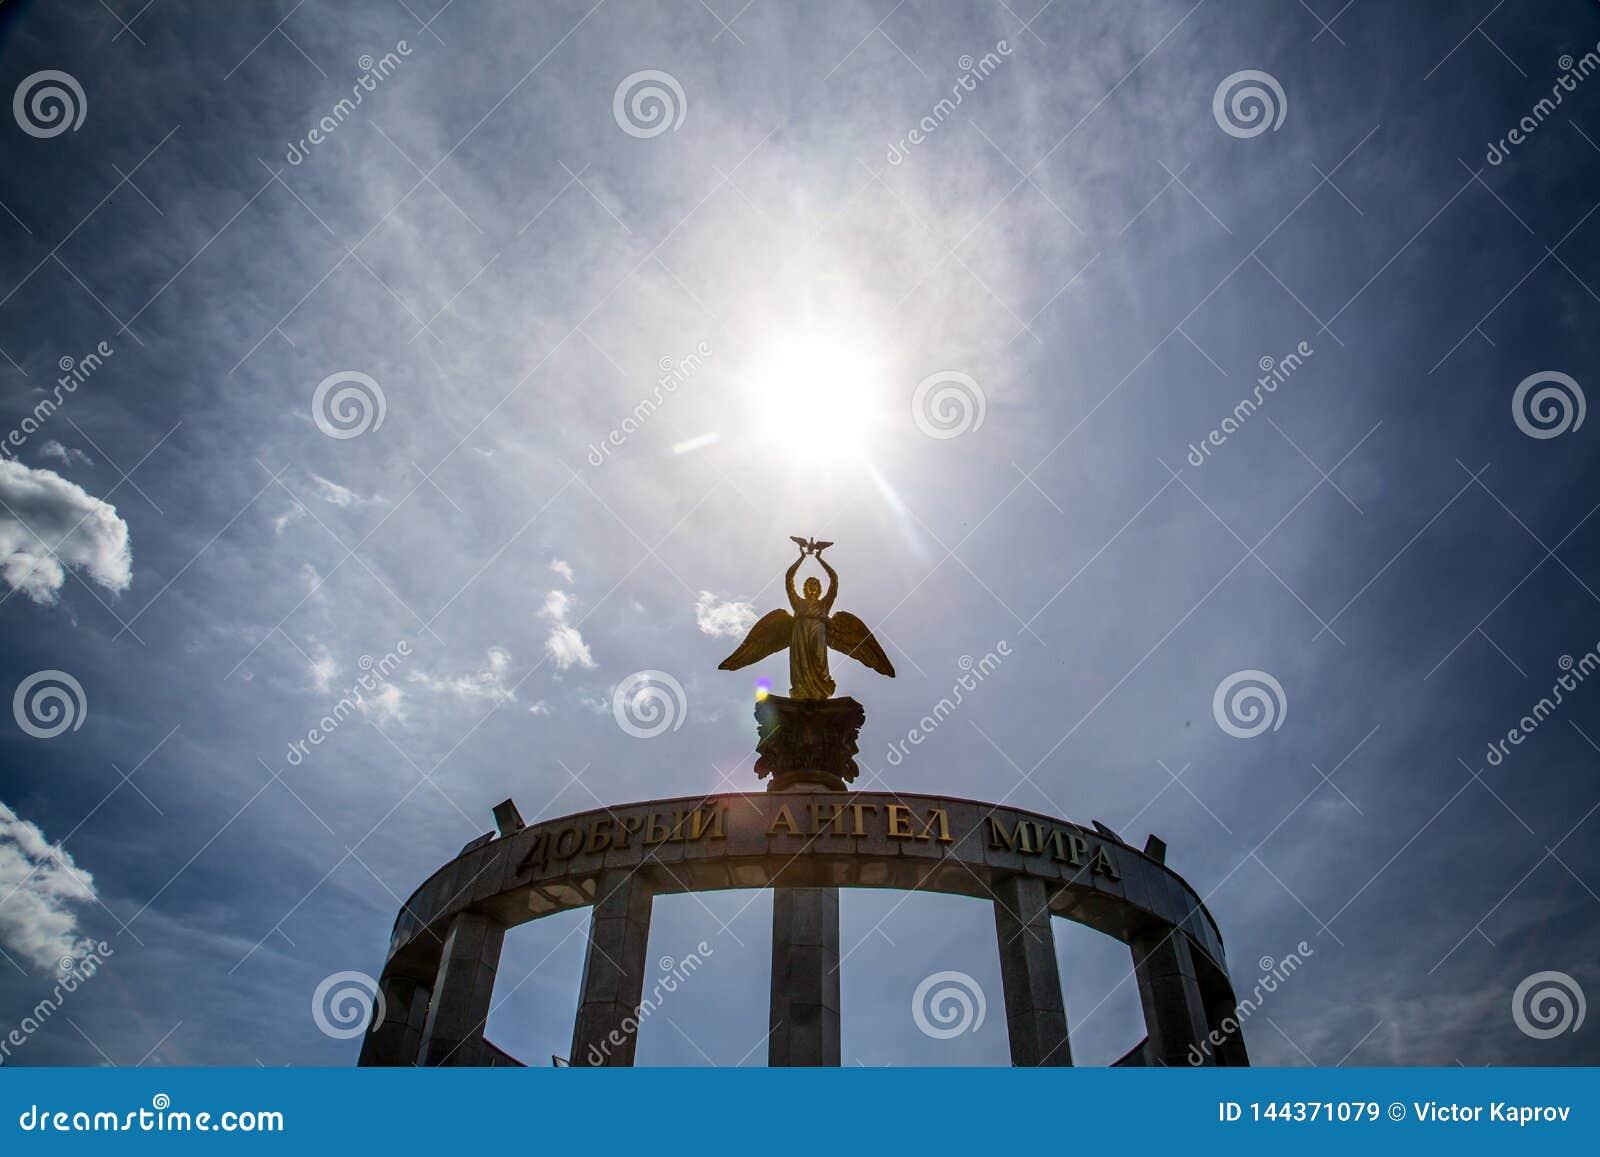 Standbeeld van een engel en de zon boven het